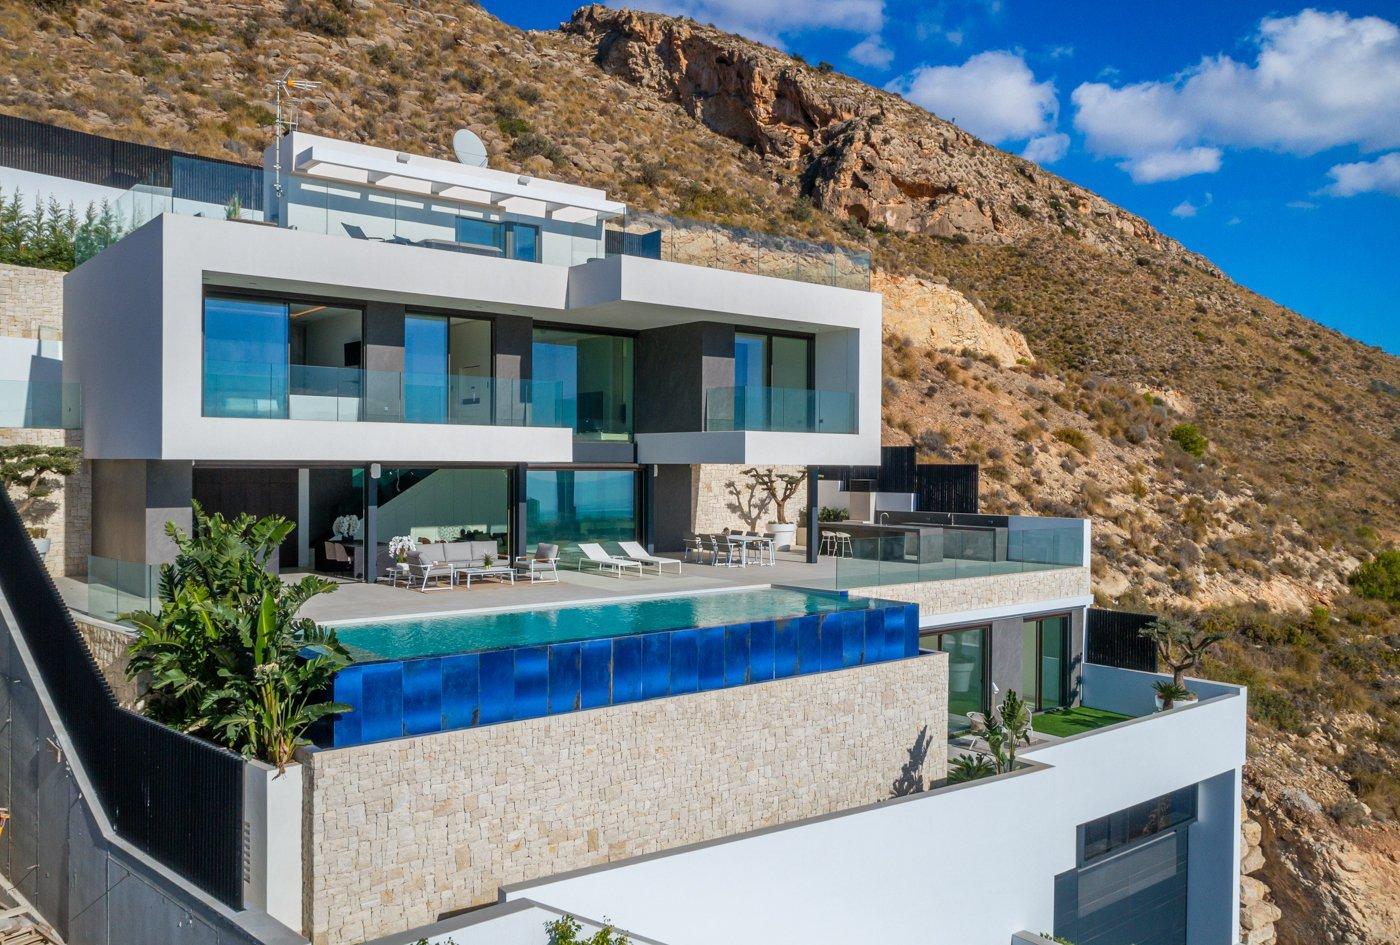 Très luxe nouvelle construction sur les collines de Finestrat